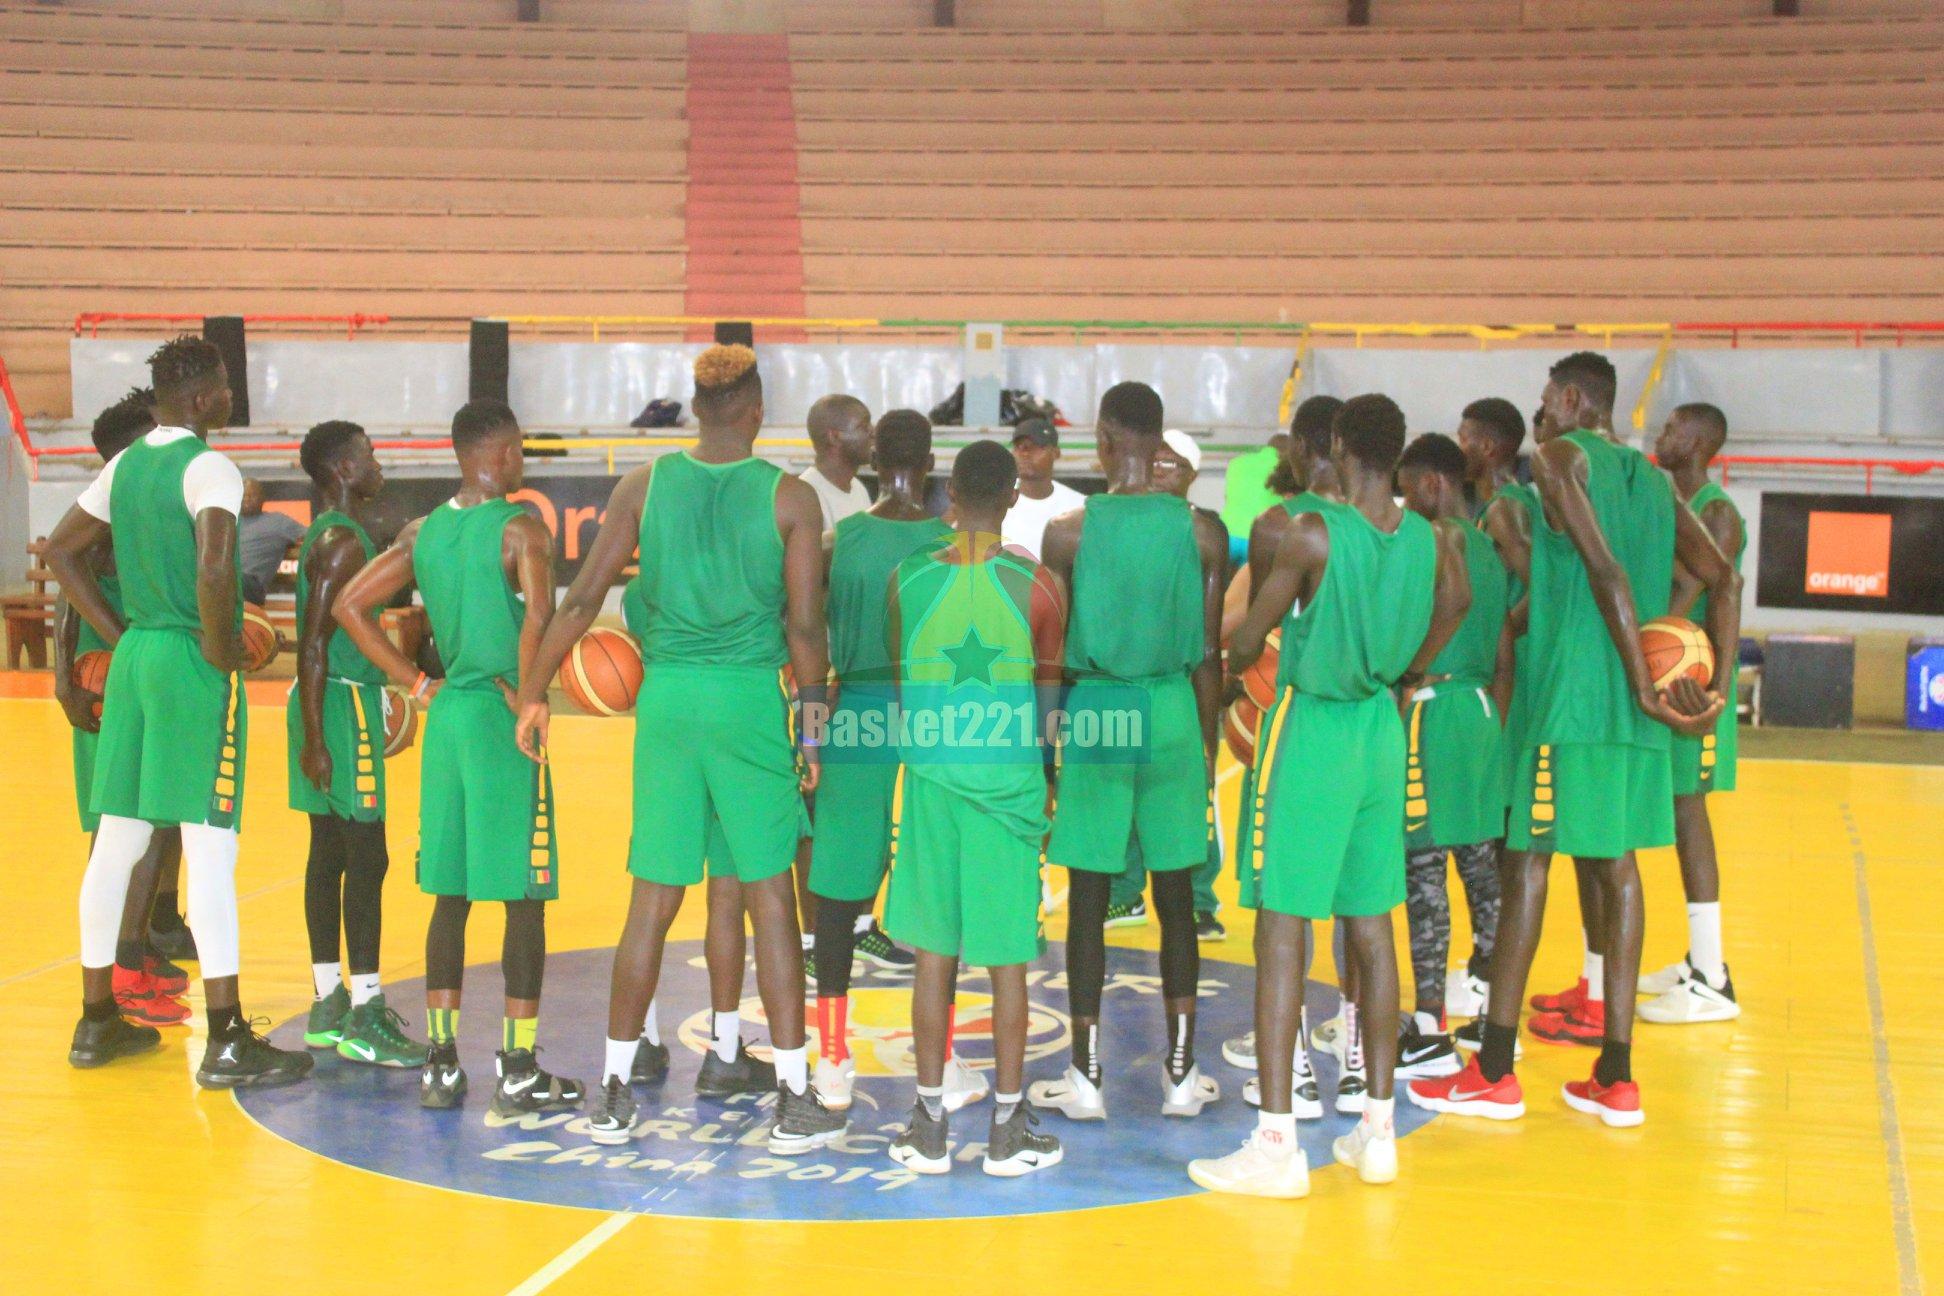 afrobasket U18, basket sénégal, entrainement équipe nationale, entrainement sénégal, équipe nationale, lionceaux, lions u18, Sénégal